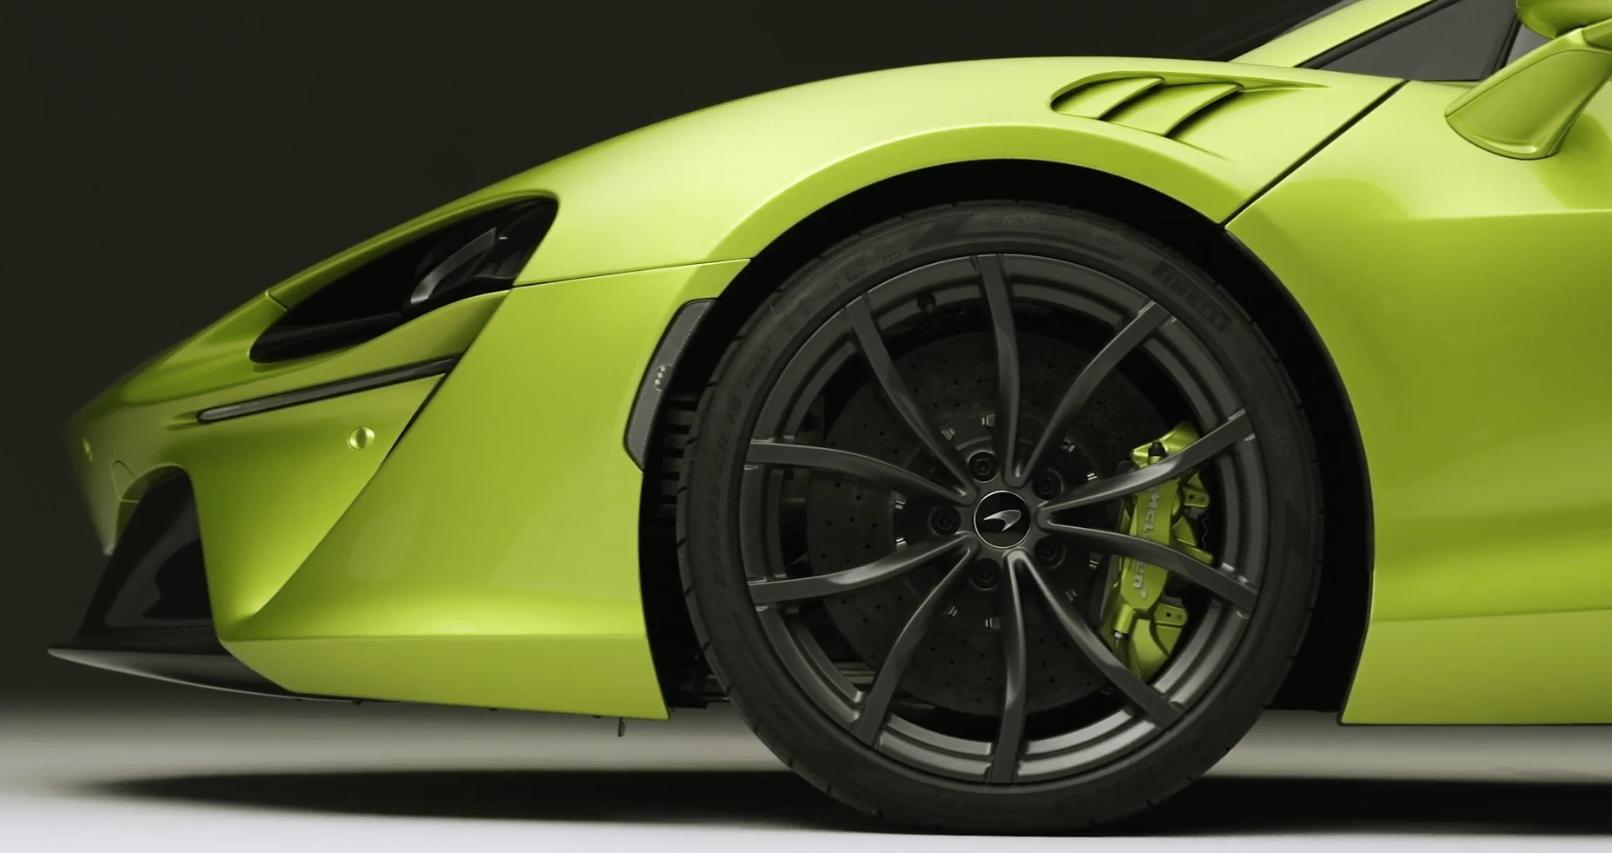 定位混动超跑,V6引擎首次上身 迈凯伦Artura正式发布